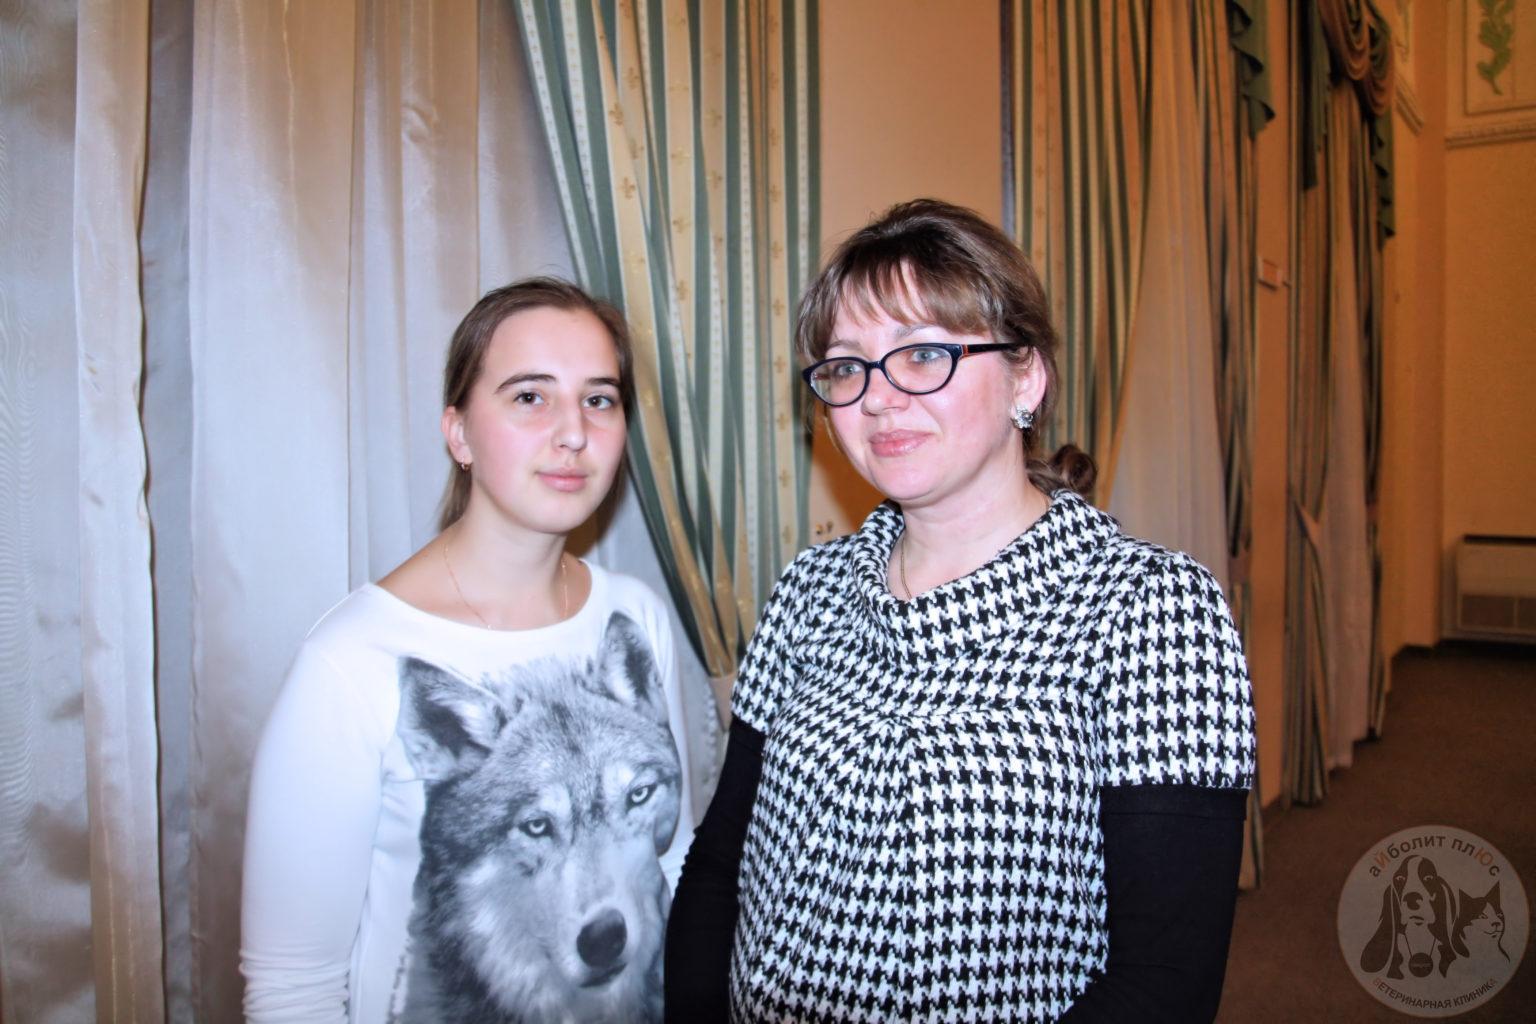 Морозова Марина Алексеевна (справа) с участником «Ярмарки вакансий-2016», МВА имени К. И. Скрябина.